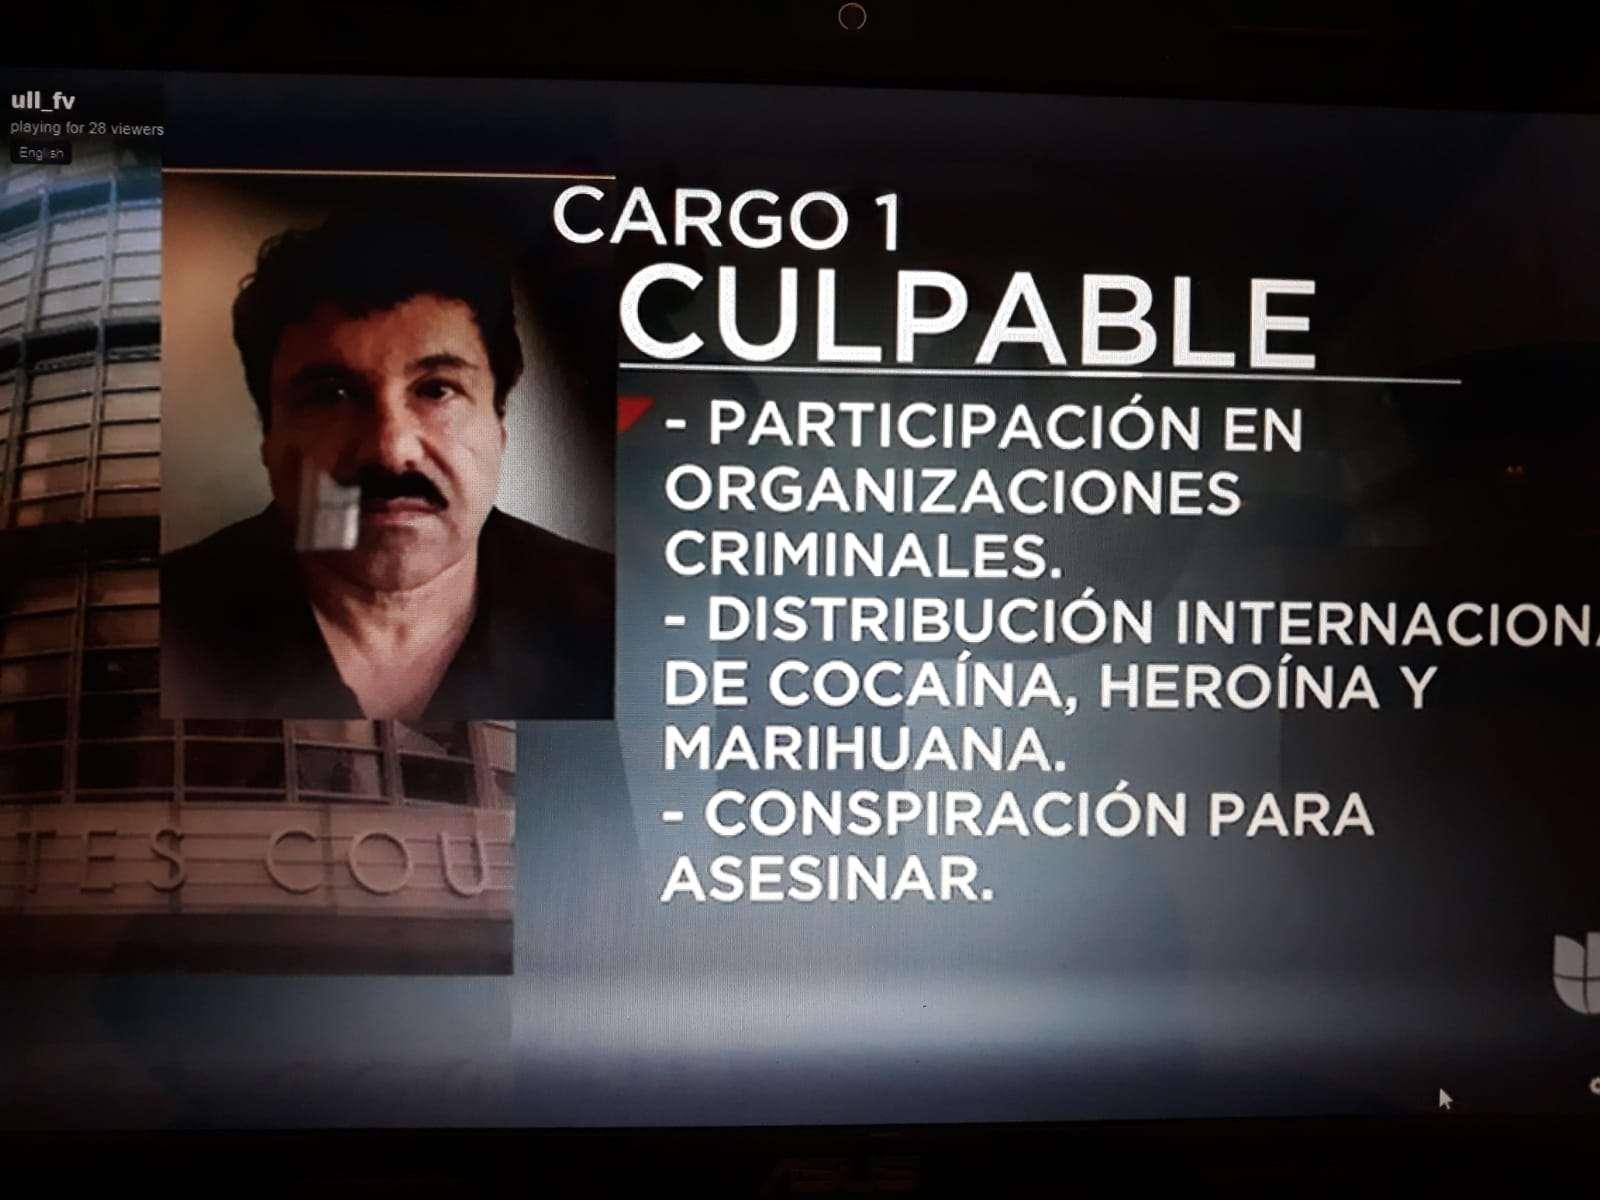 Así informan sobre la audiencia de El Chapo, las cadenas internacionales